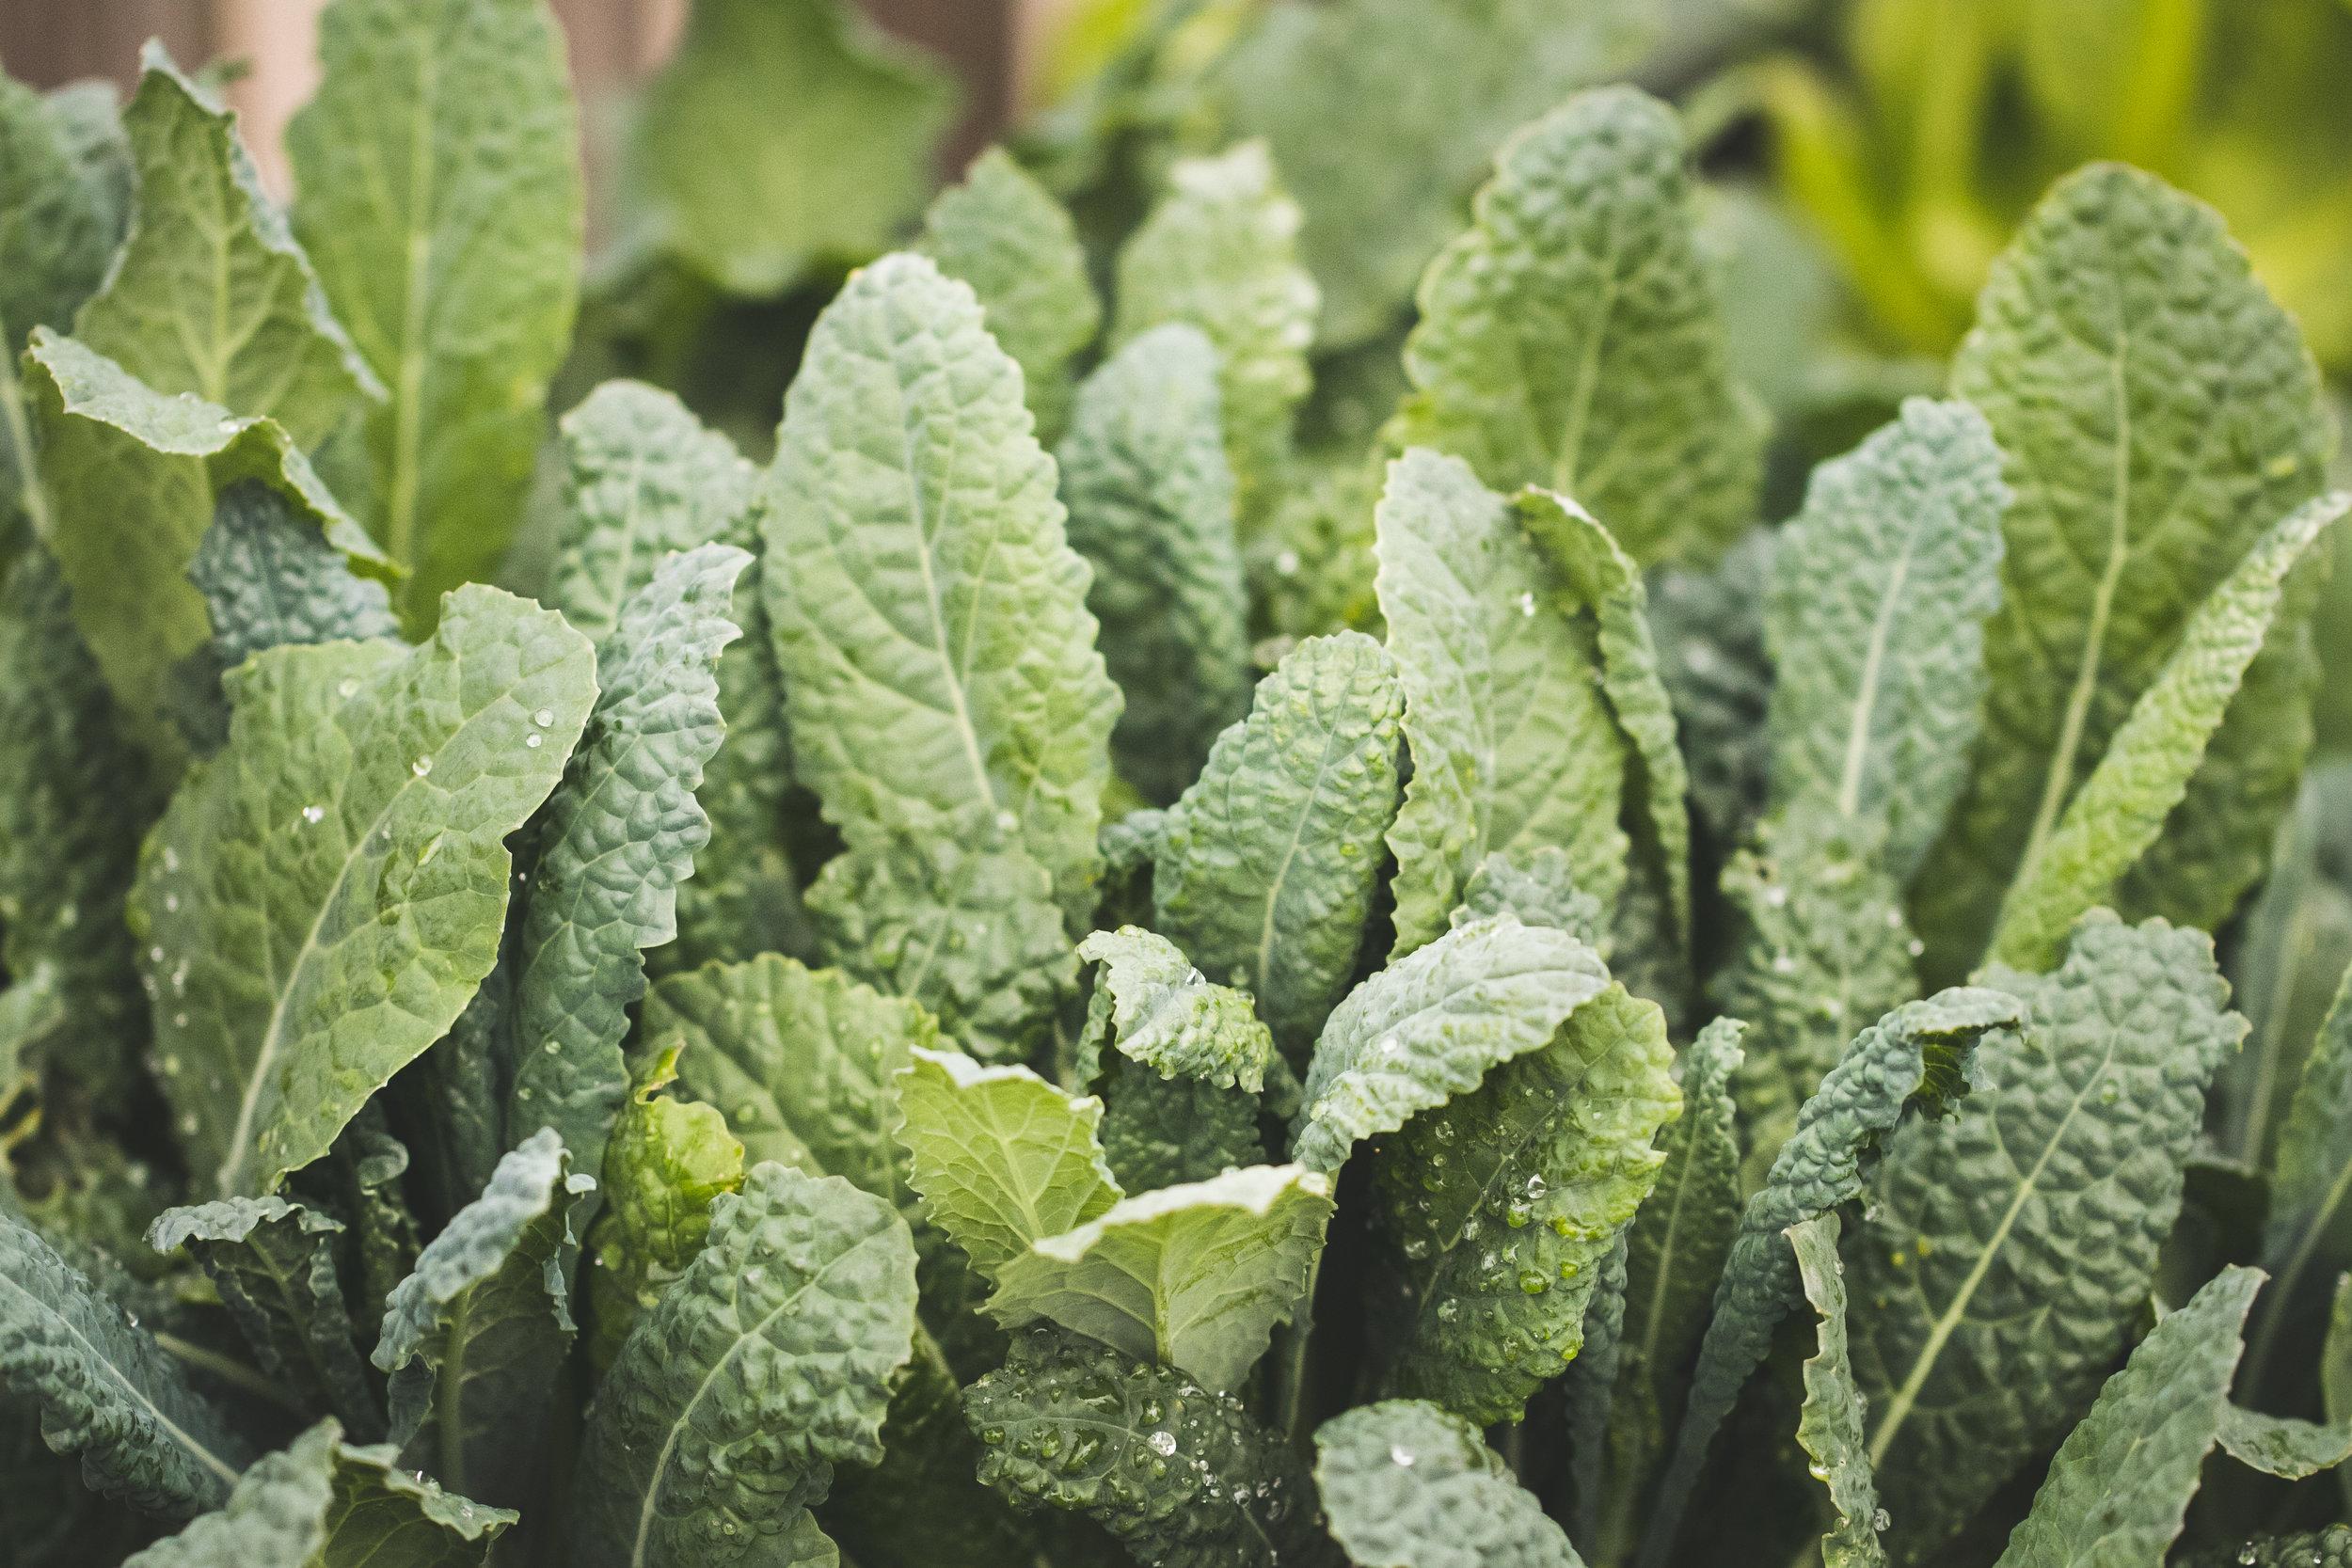 cabbage05-makingitralinc